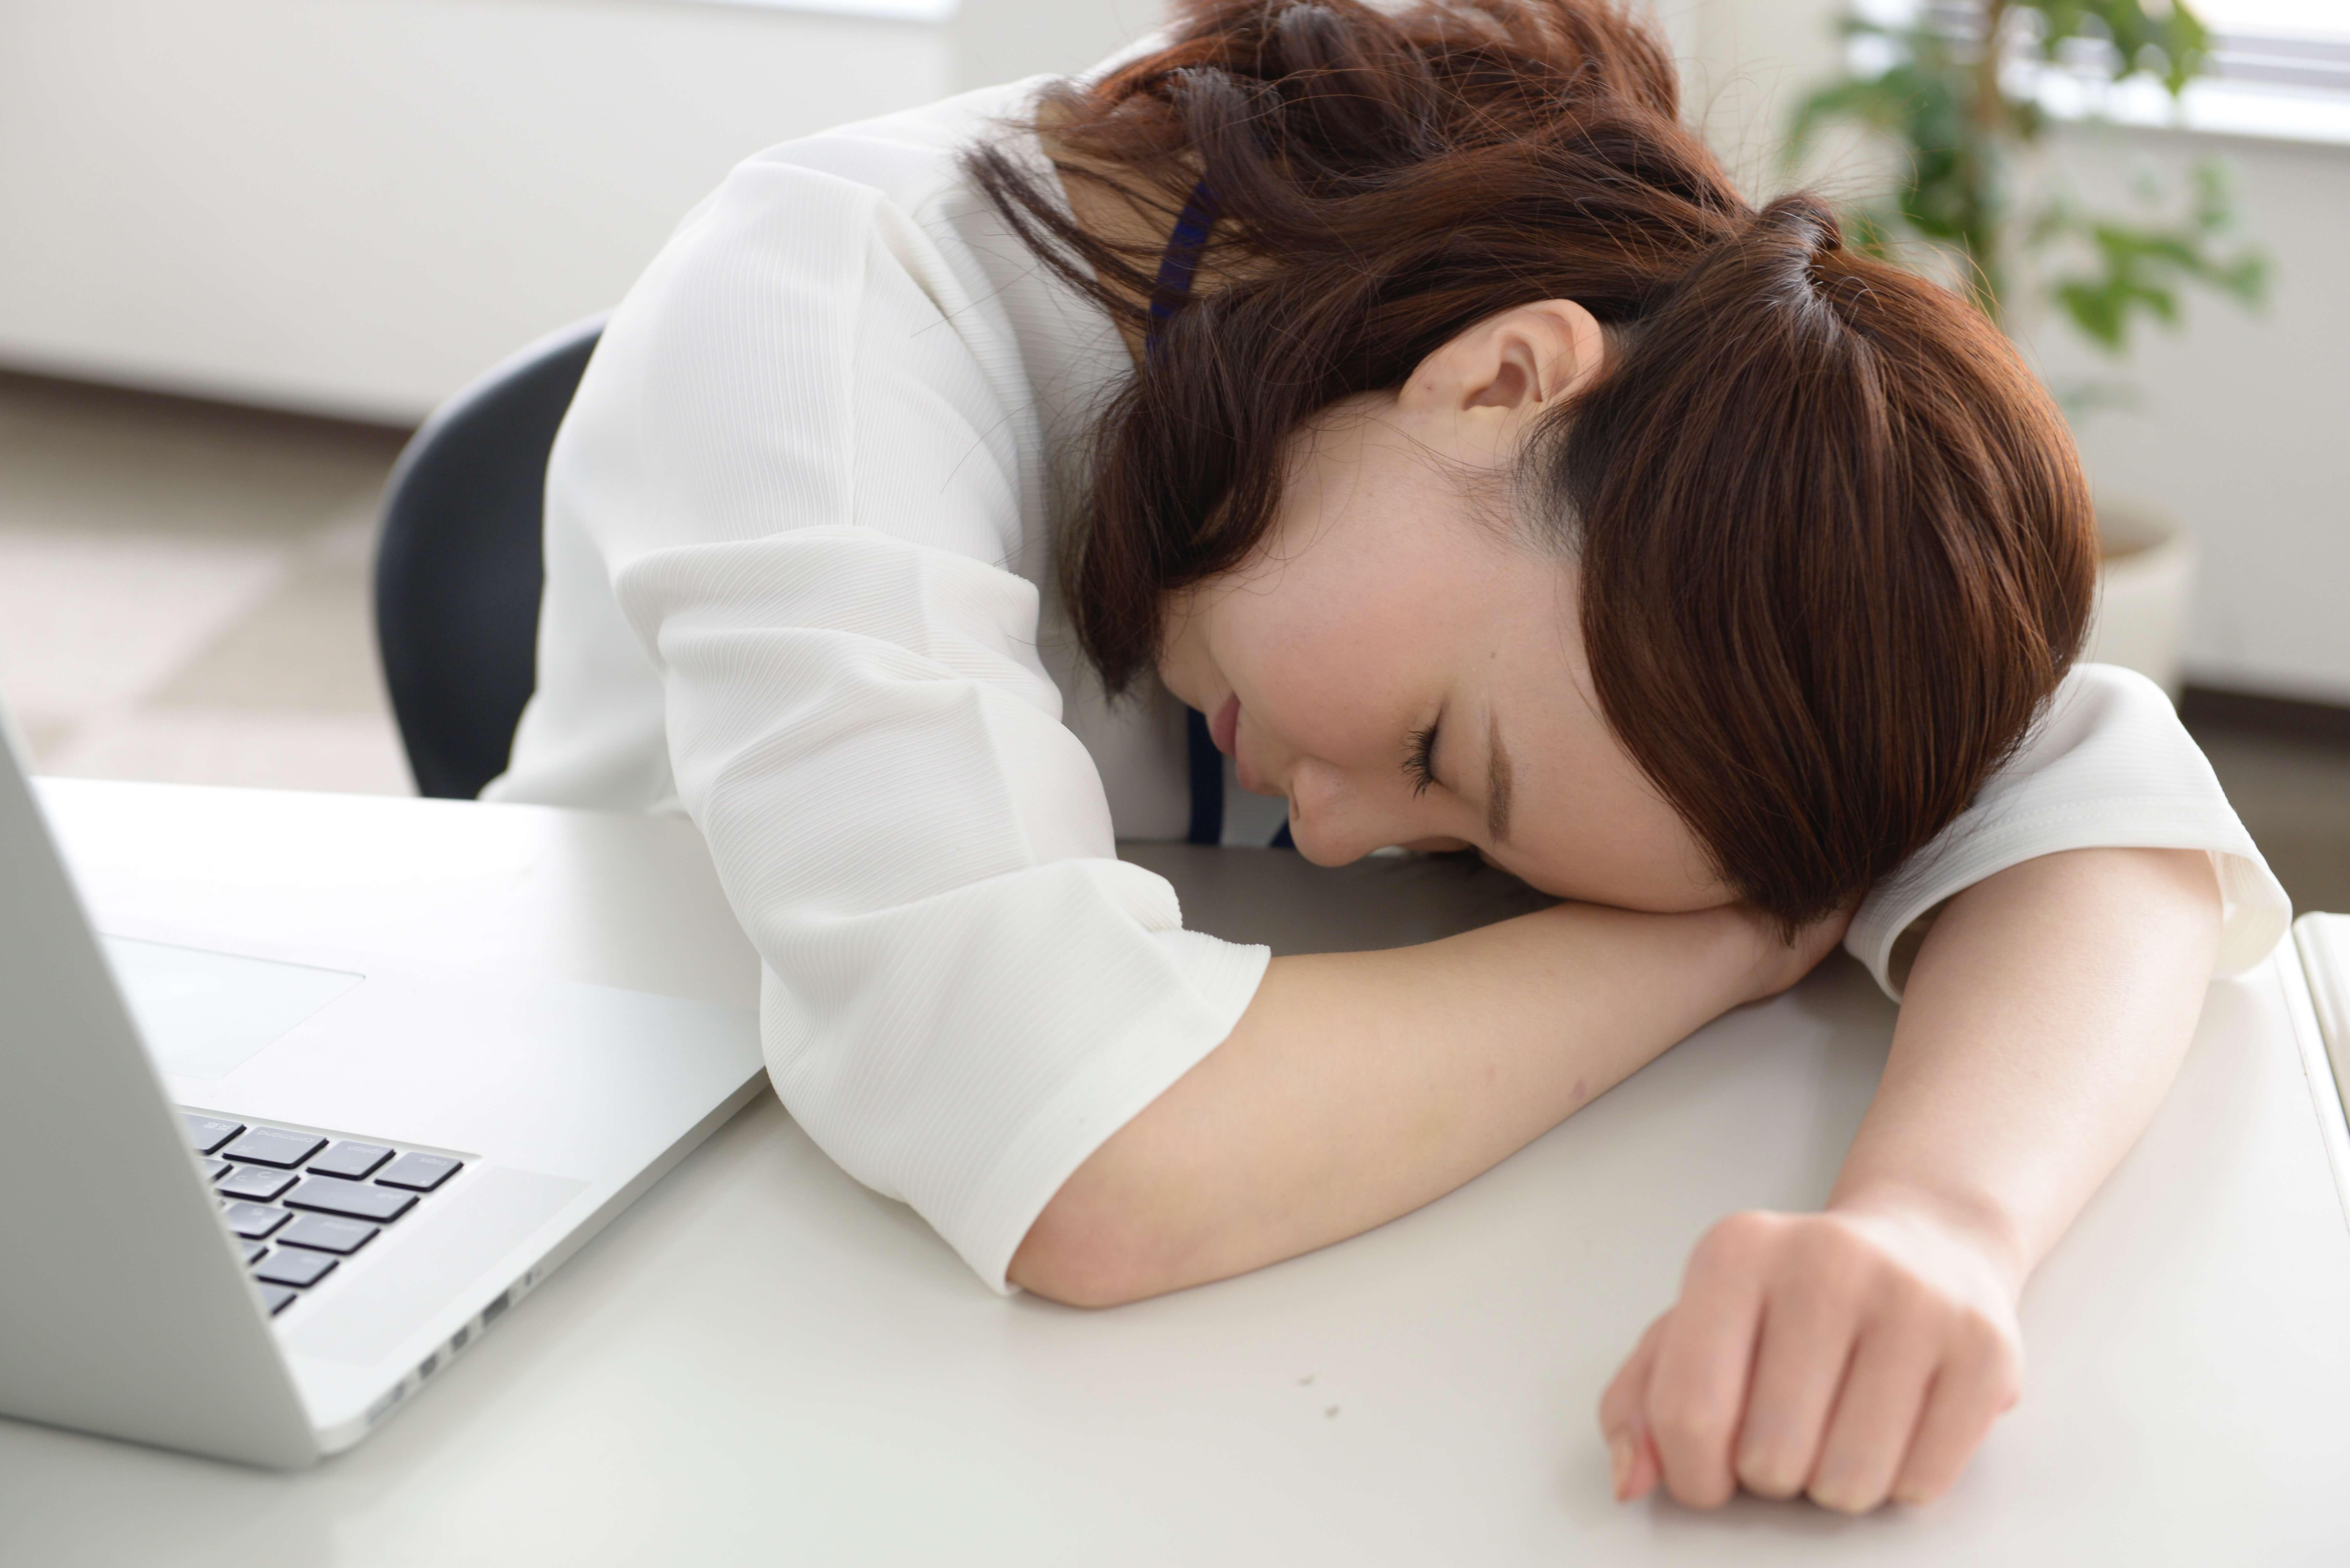 疲れが取れず机にうつぶせる女性